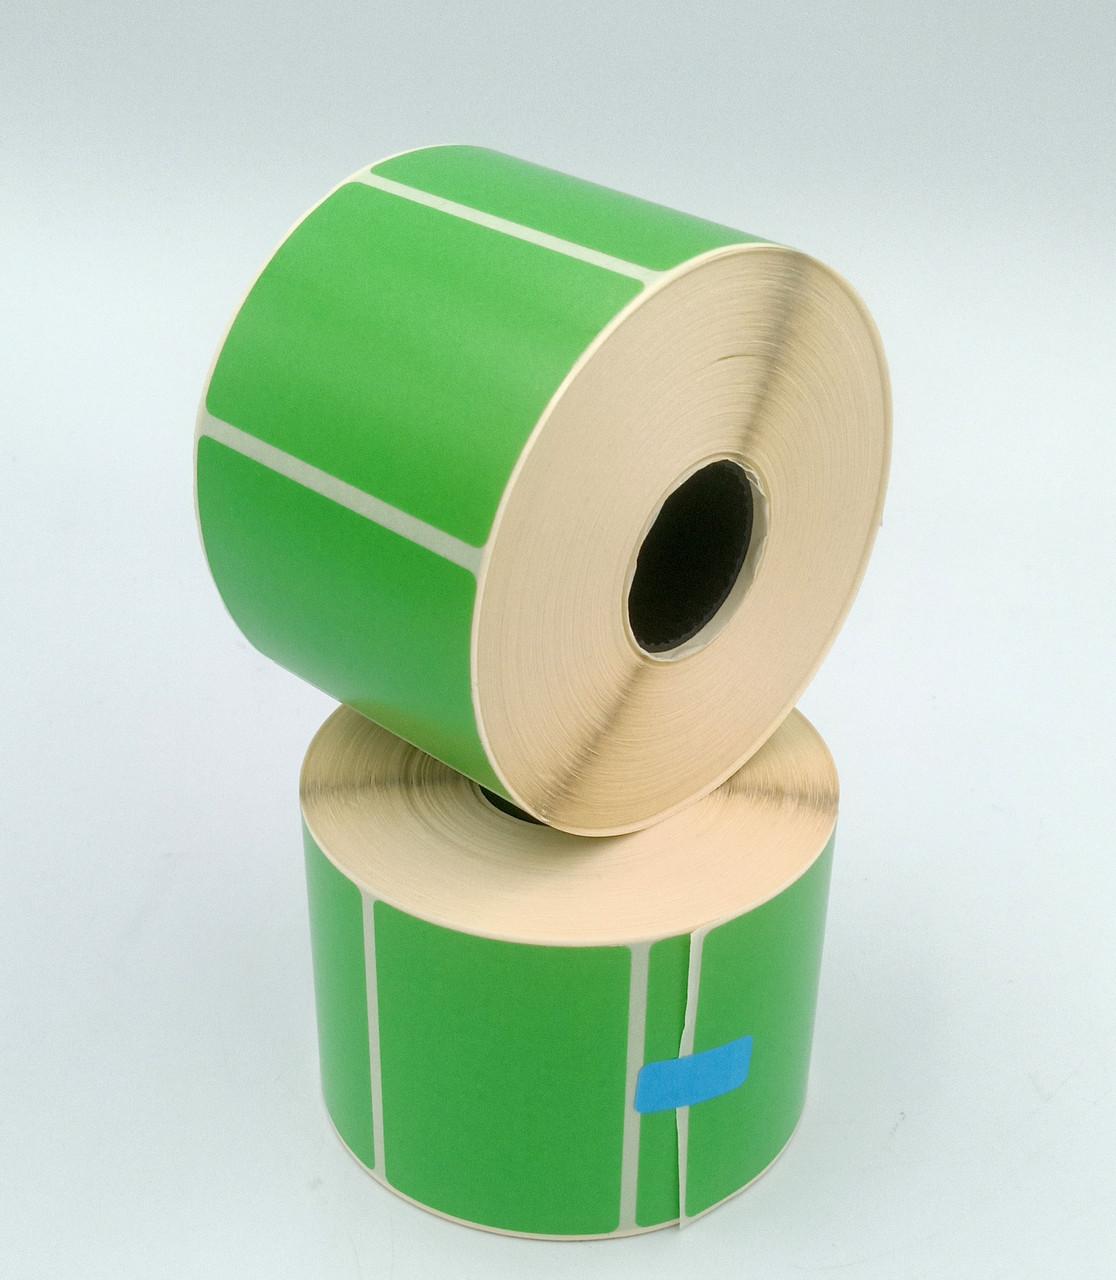 Термоэтикетка Т.Еко пантон 58*40 мм 1000 этикеток прямоугольная 5 шт зелёная (5840T1000V25G)